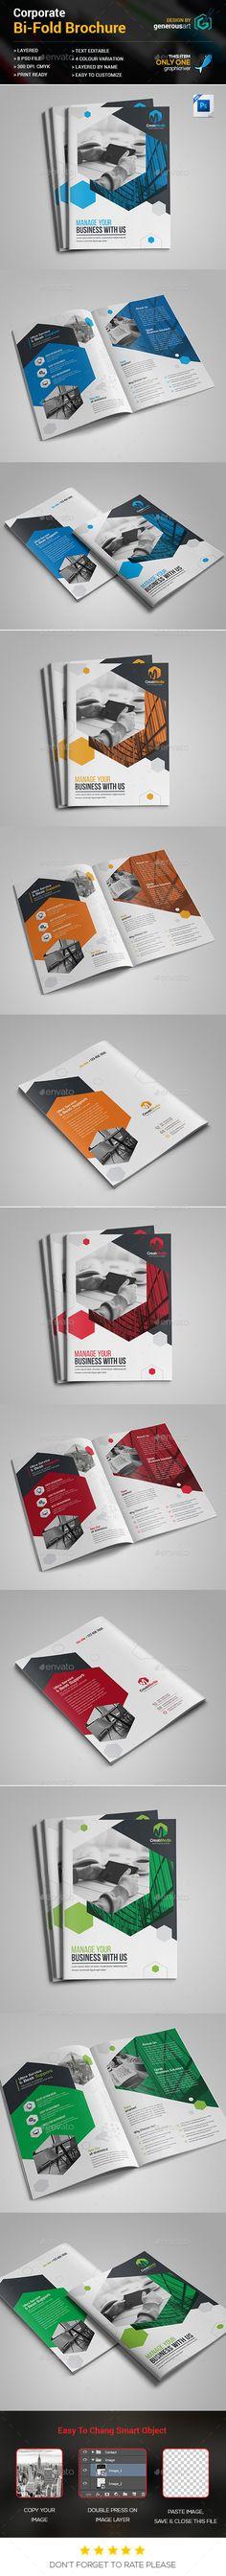 Real Estate Landscape Brochure - landscape brochure